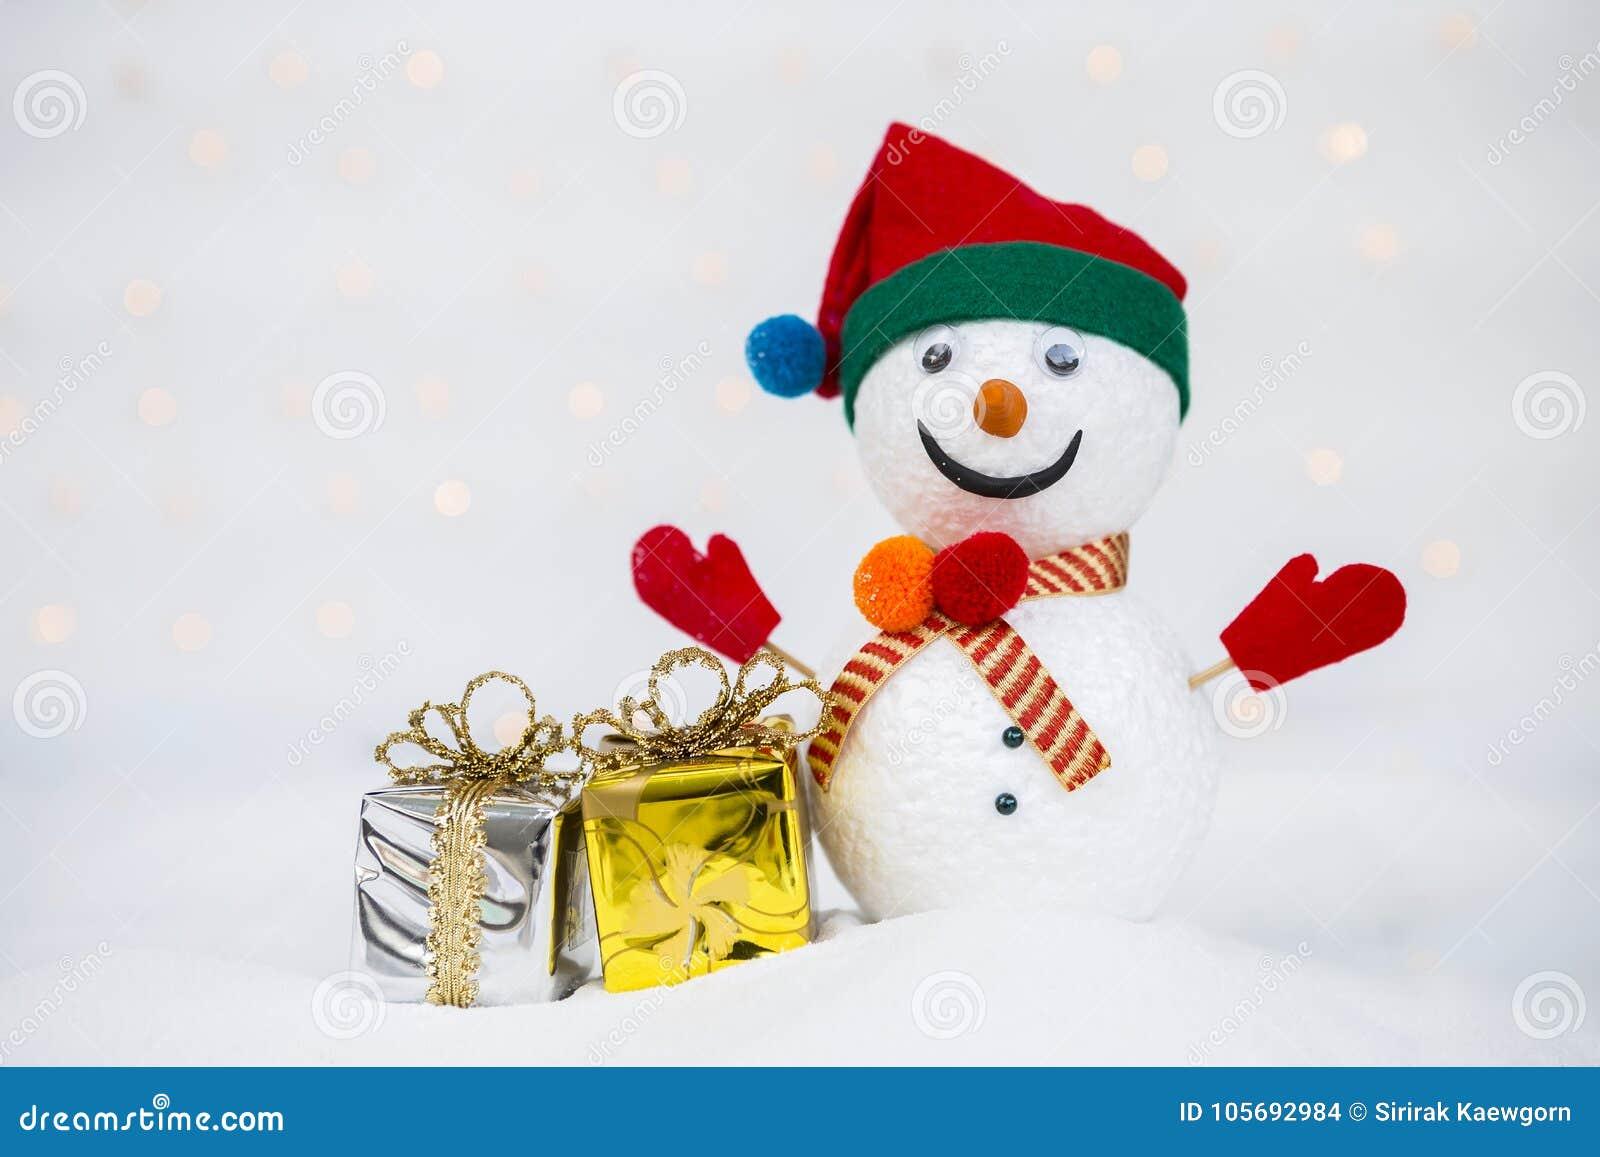 Ontwerpsneeuwman met glanzende giftdoos en denneappel op witte sneeuw